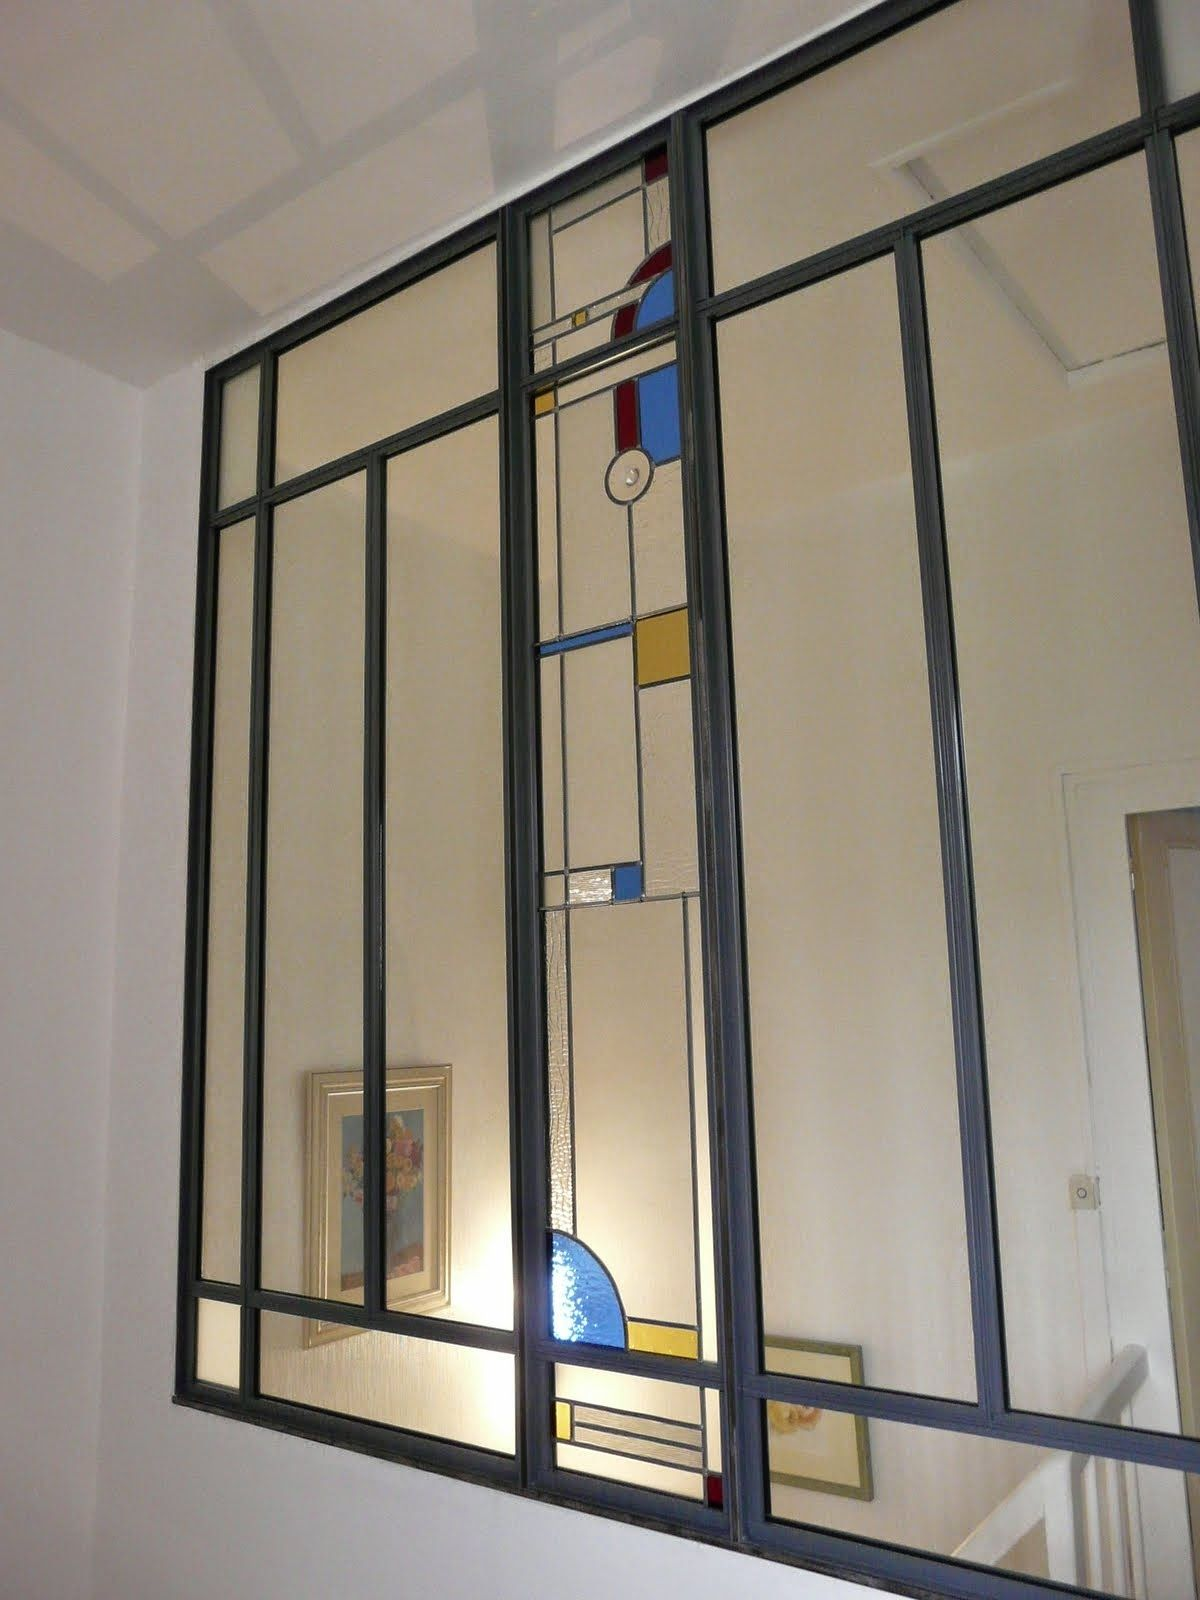 chassis vitr pour cloison placo beautiful plaque de pltre placo phonique marine ba x m p with. Black Bedroom Furniture Sets. Home Design Ideas